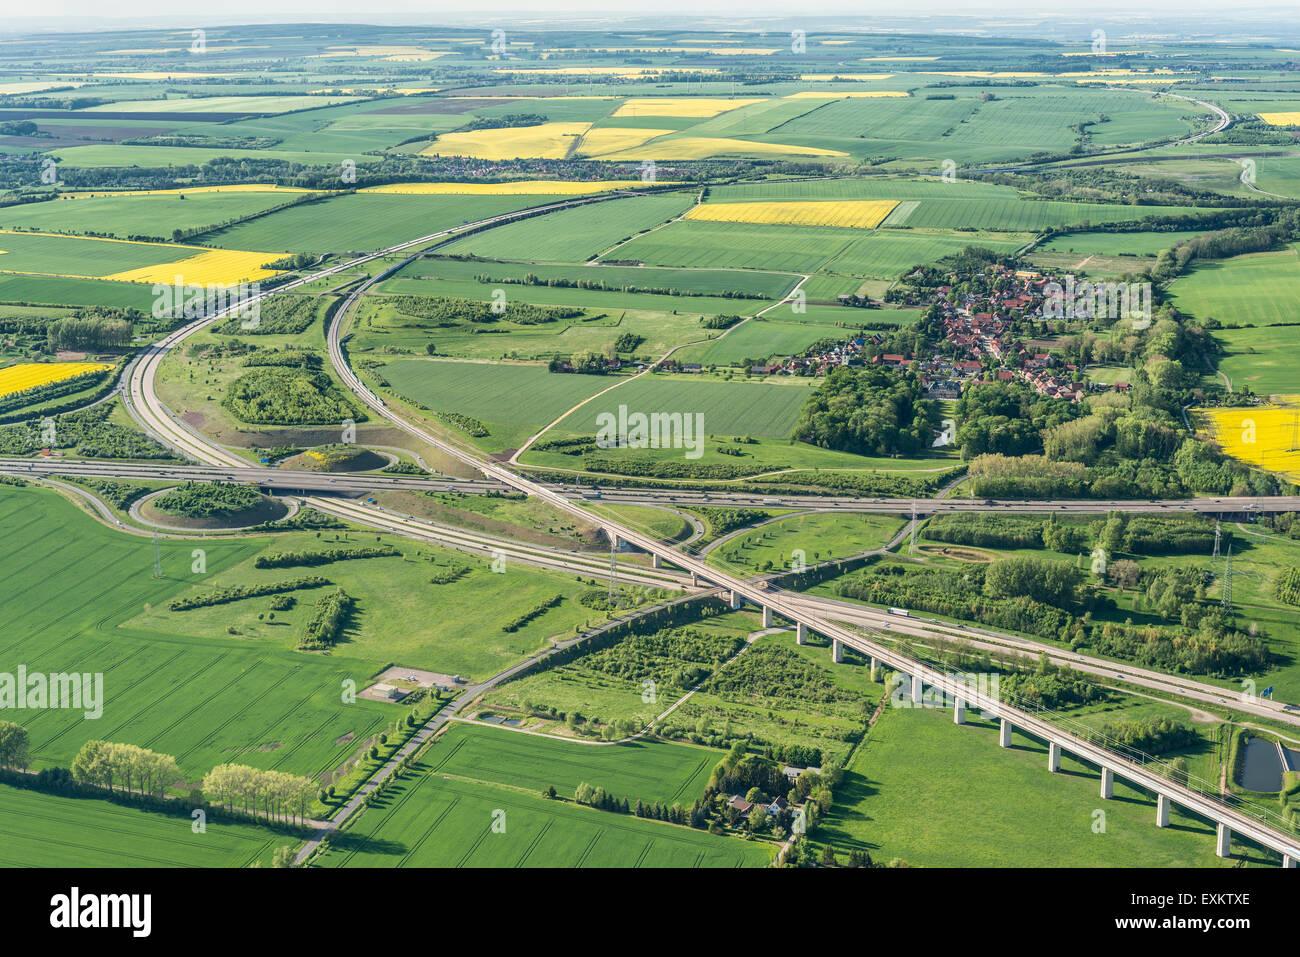 Federale Tedesca autostrade 4 e 71, Erfurter Kreuz interchange, ghiaccio linea ferroviaria ad alta velocità Immagini Stock